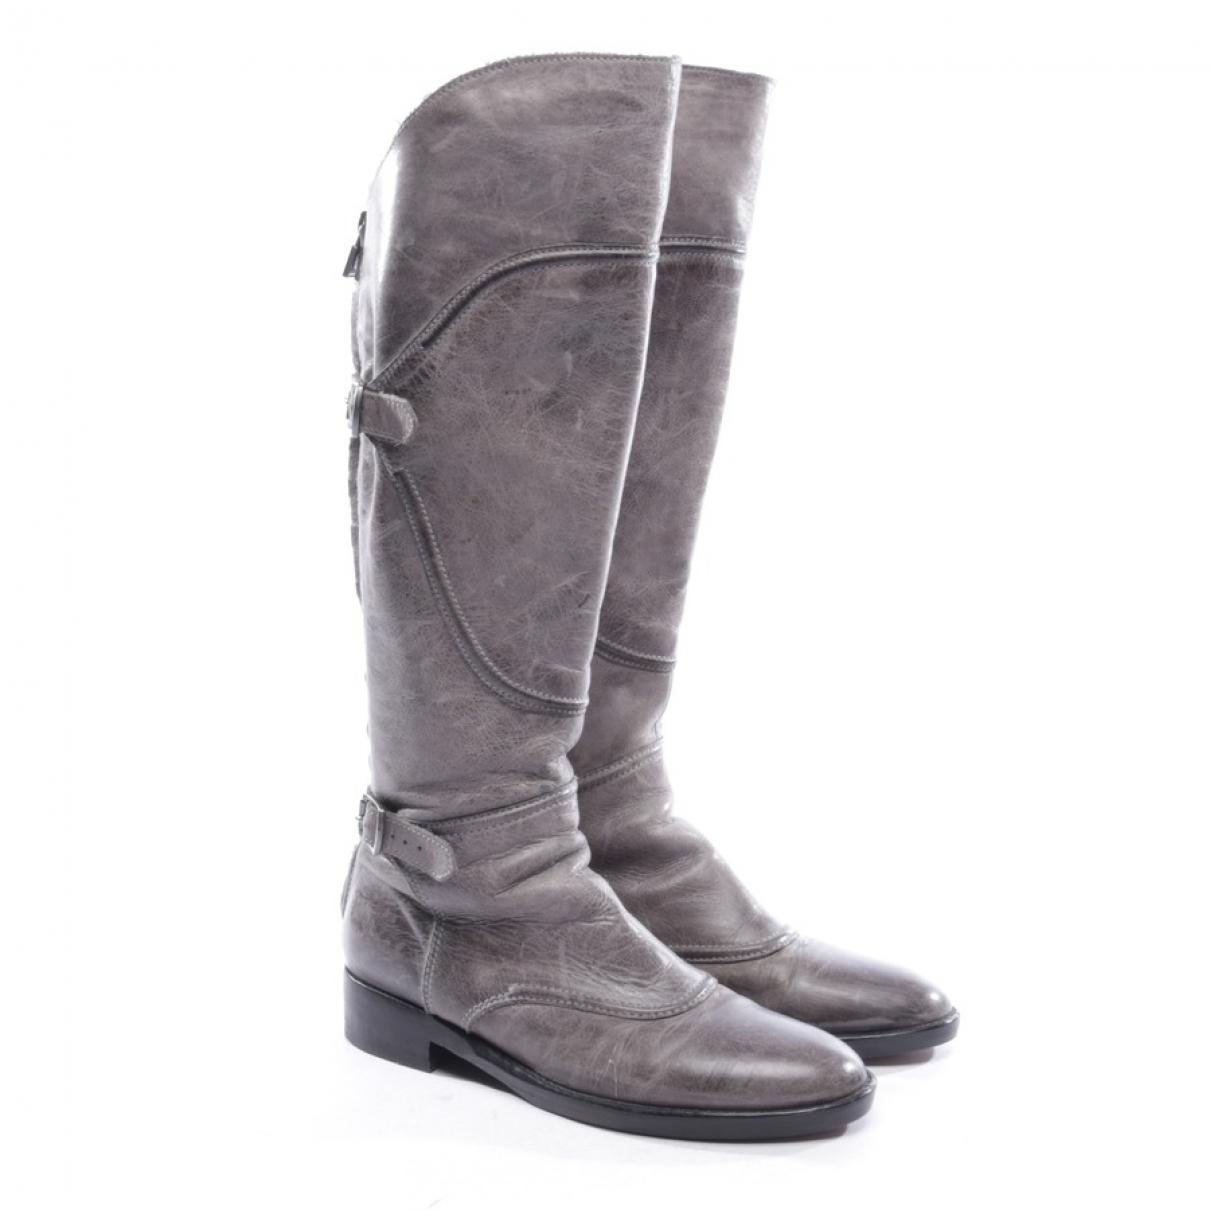 Belstaff - Bottes   pour femme en cuir - gris